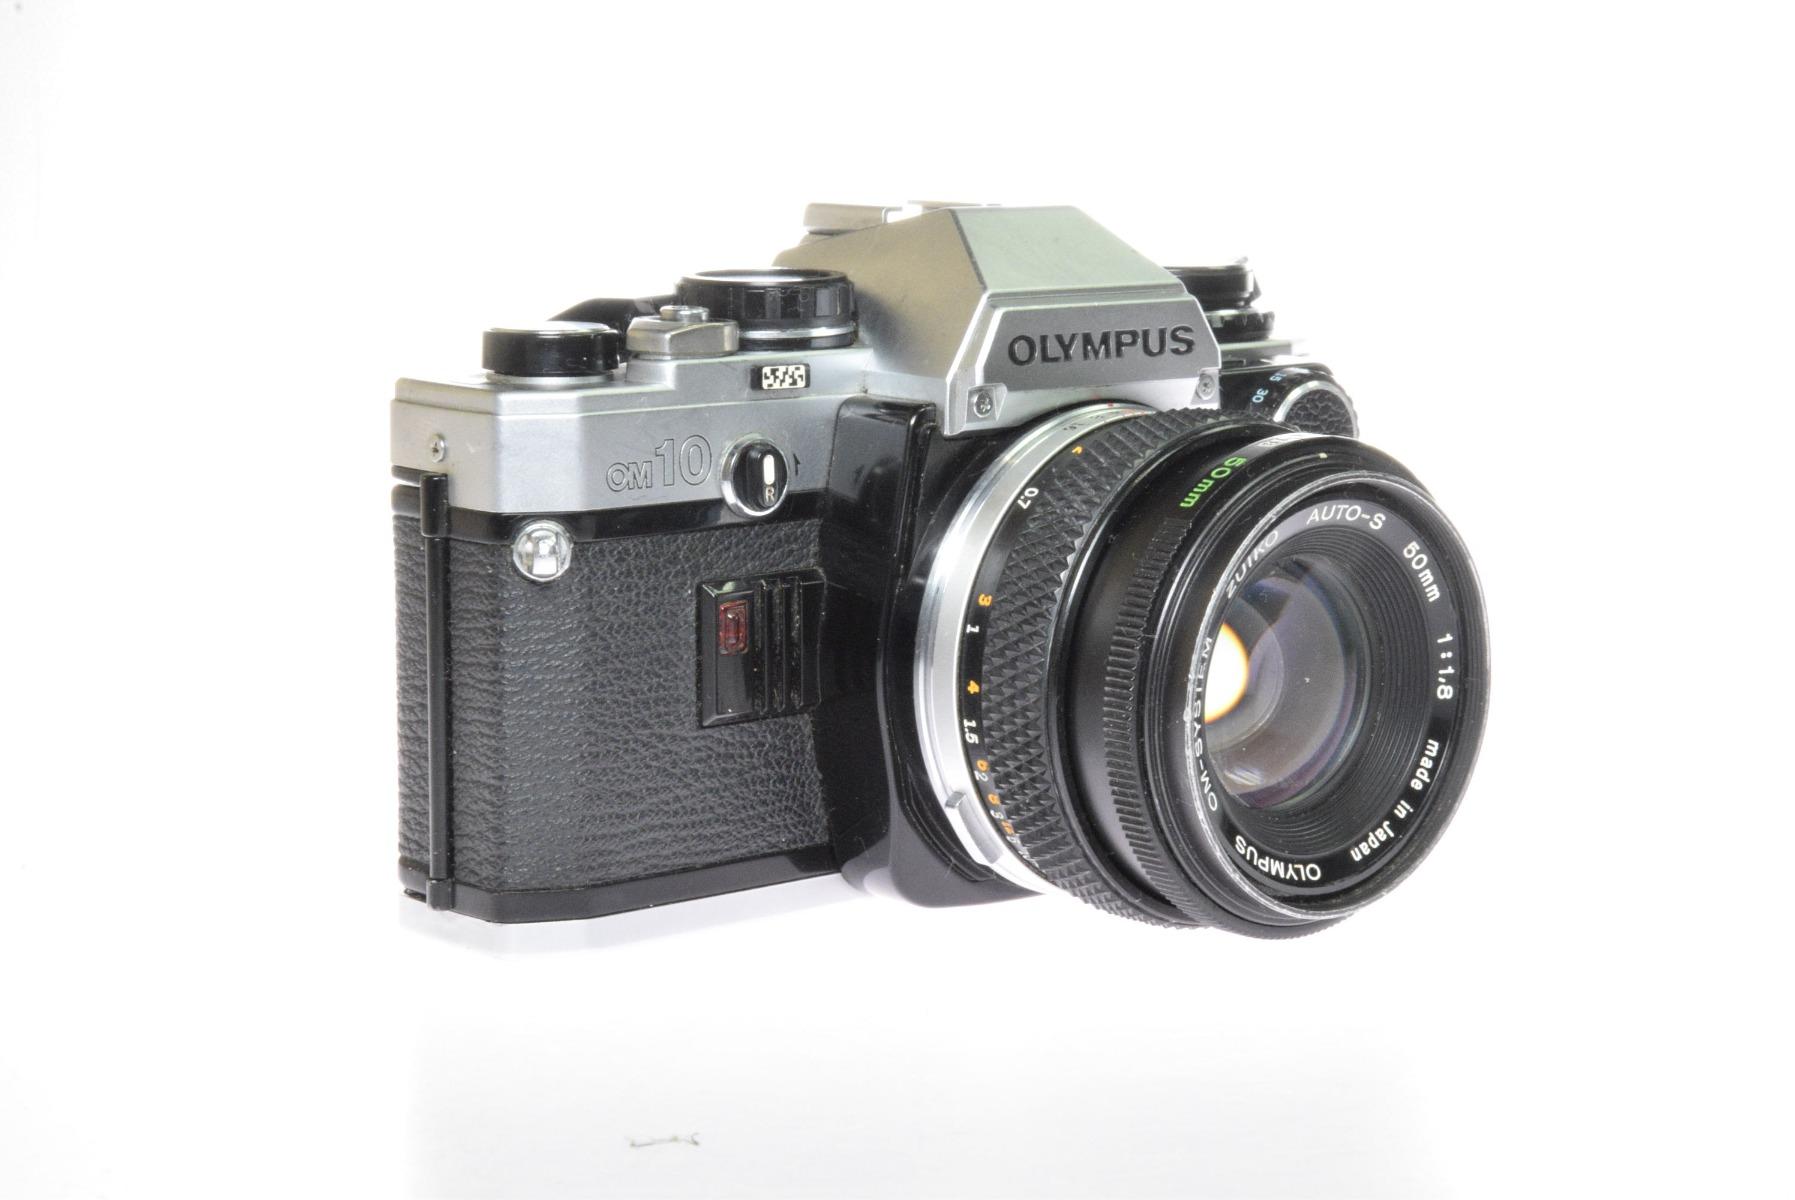 Used Olympus OM10 35mm Film SLR Camera & 50mm F1.8 Lens